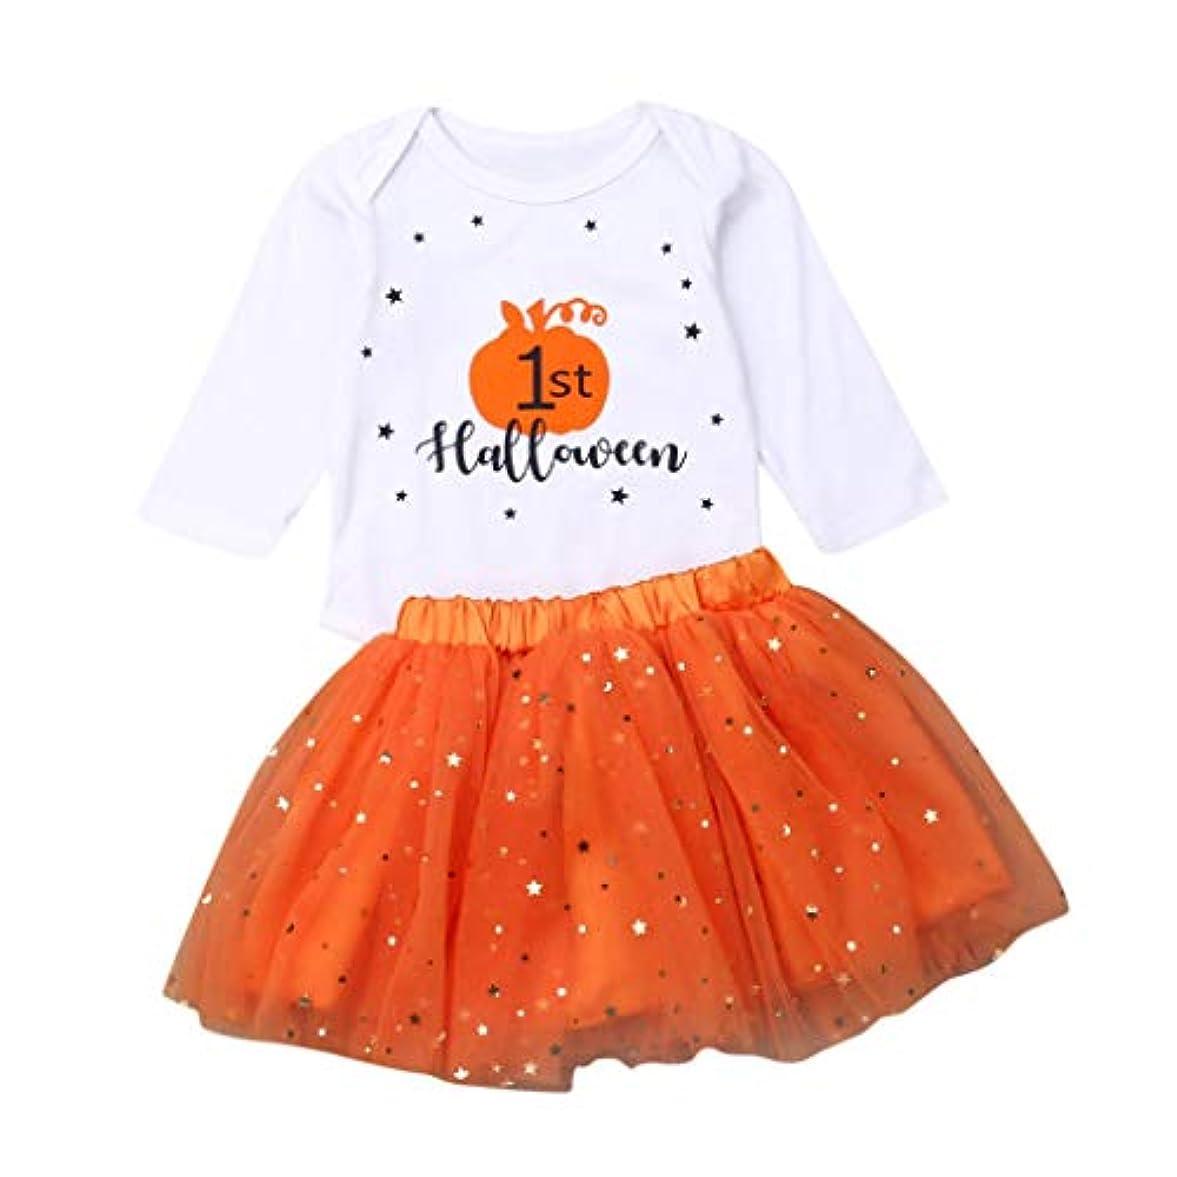 できるくすぐったいサミュエルMISFIY 新生児 ベビー服 ロンパース tutuスカート セット 肌着 かわいい 柔らかい ハロウィン Halloween かぼちゃ 仮装衣装 撮影 写真 (70)